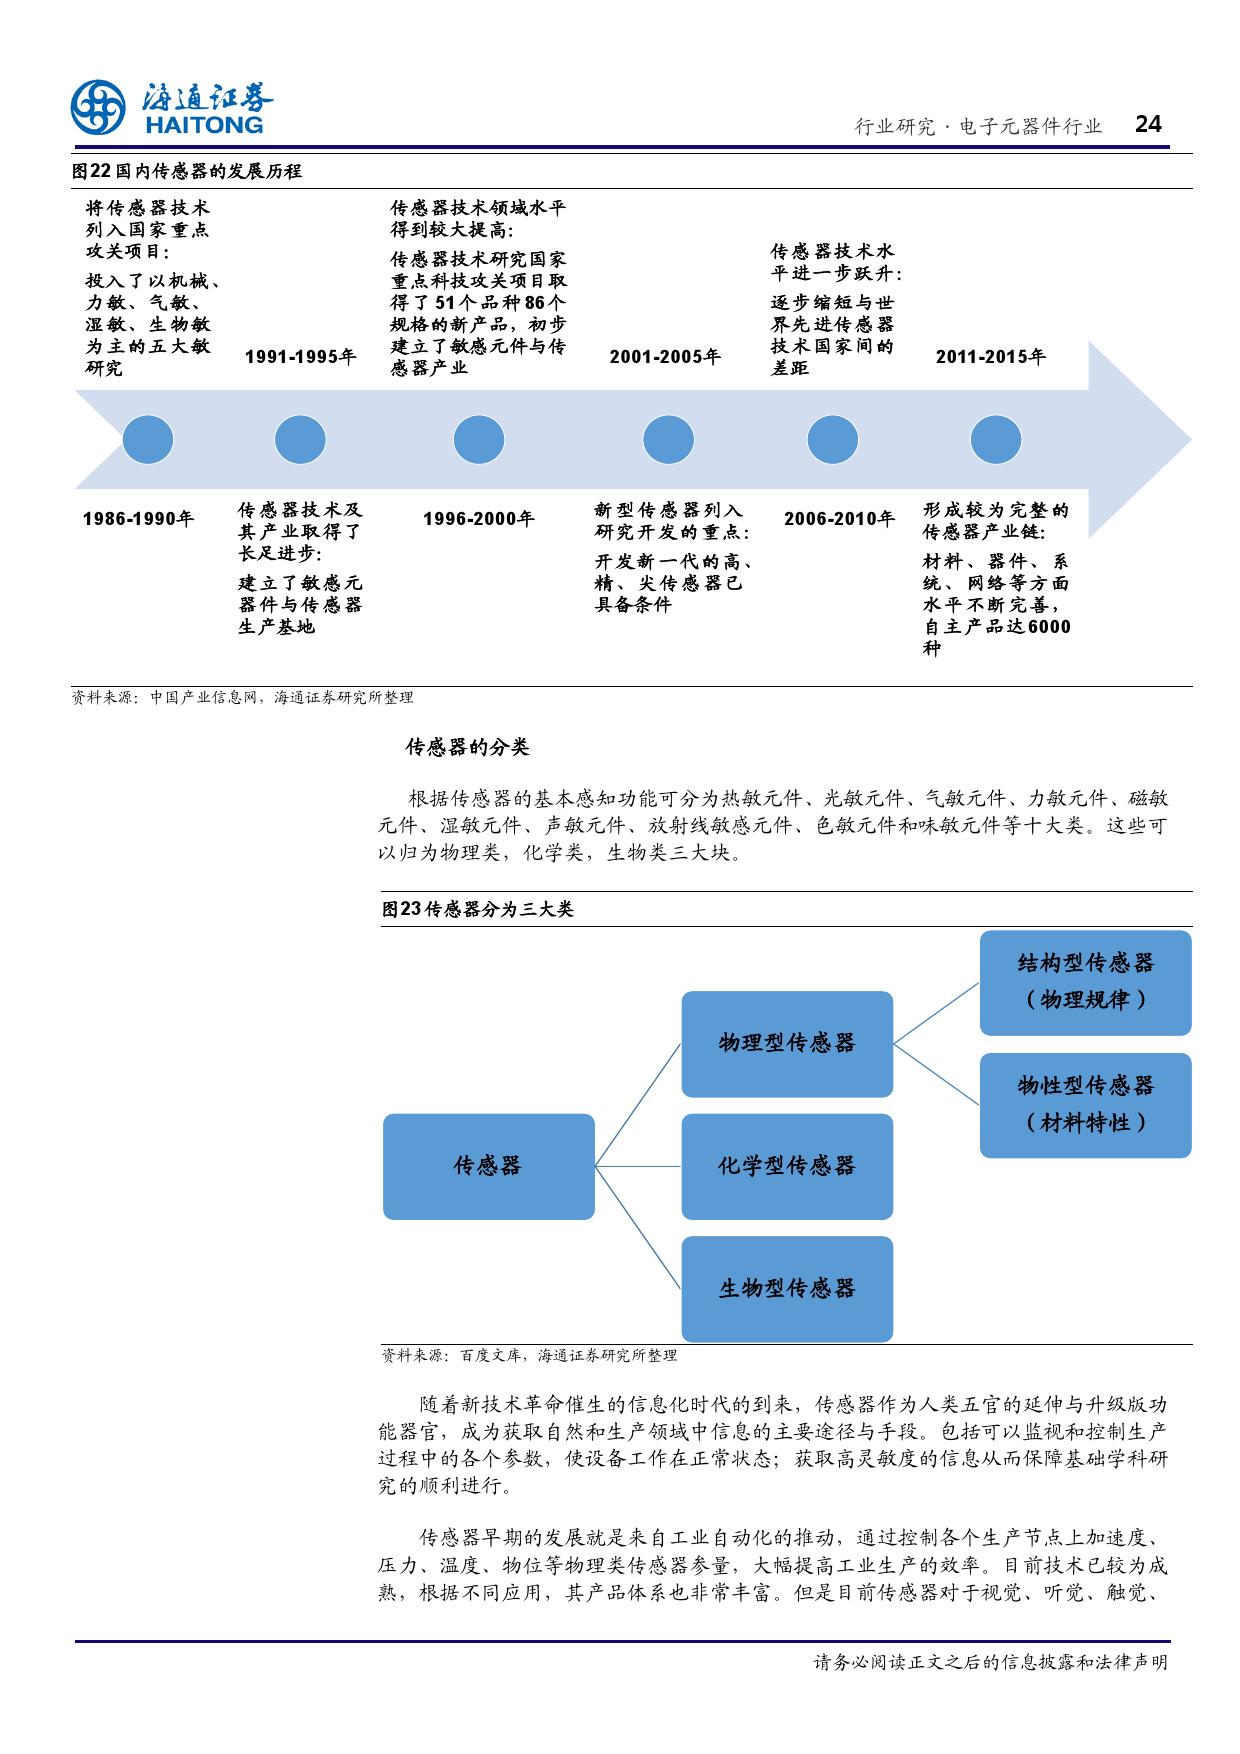 报告全解传感器全球产业链_000024